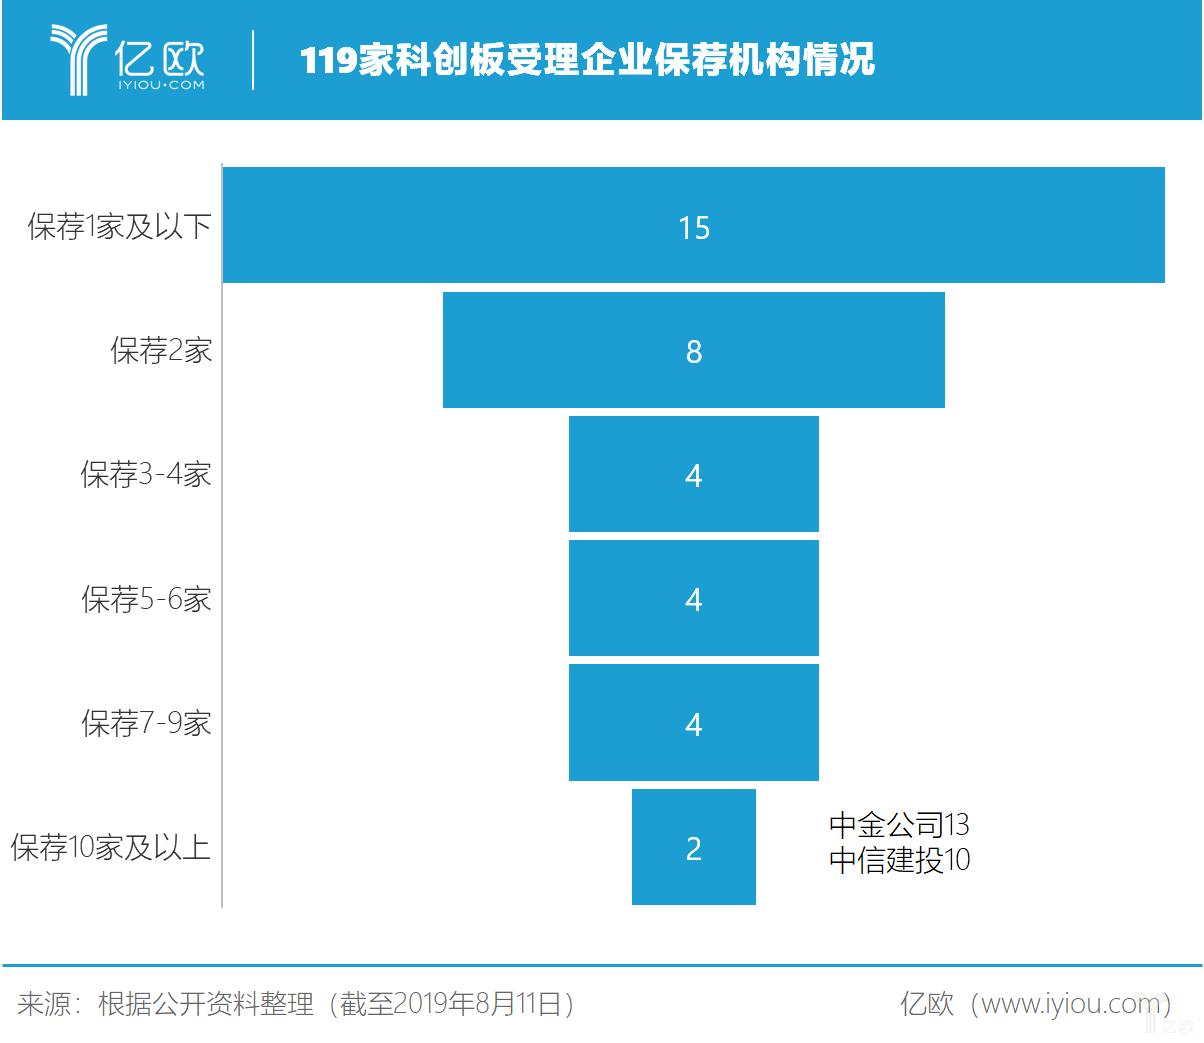 亿欧智库:119家科创板受理企业保荐机构情况